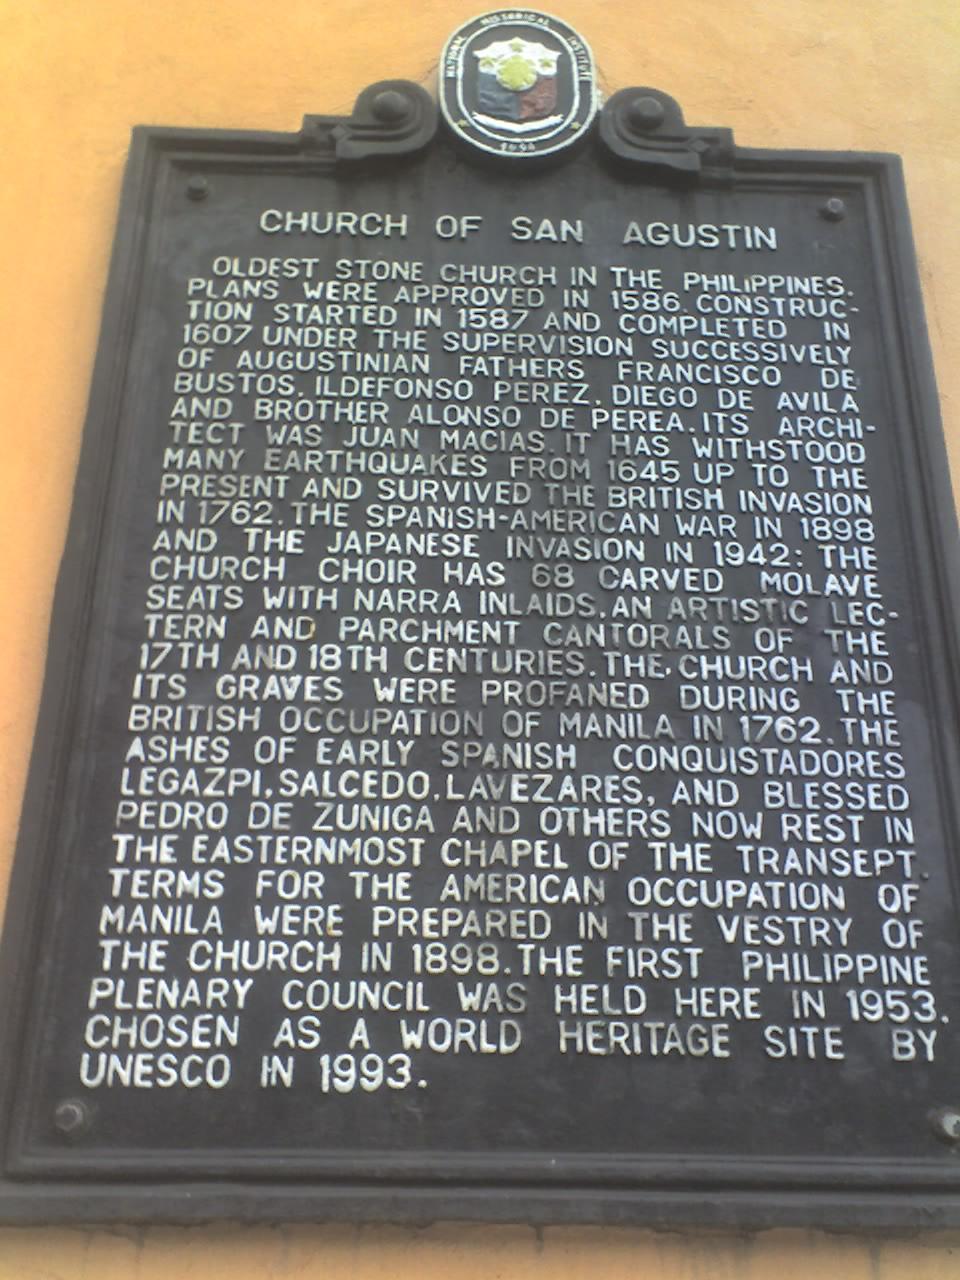 CHURCH OF SAN AGUSTÍN